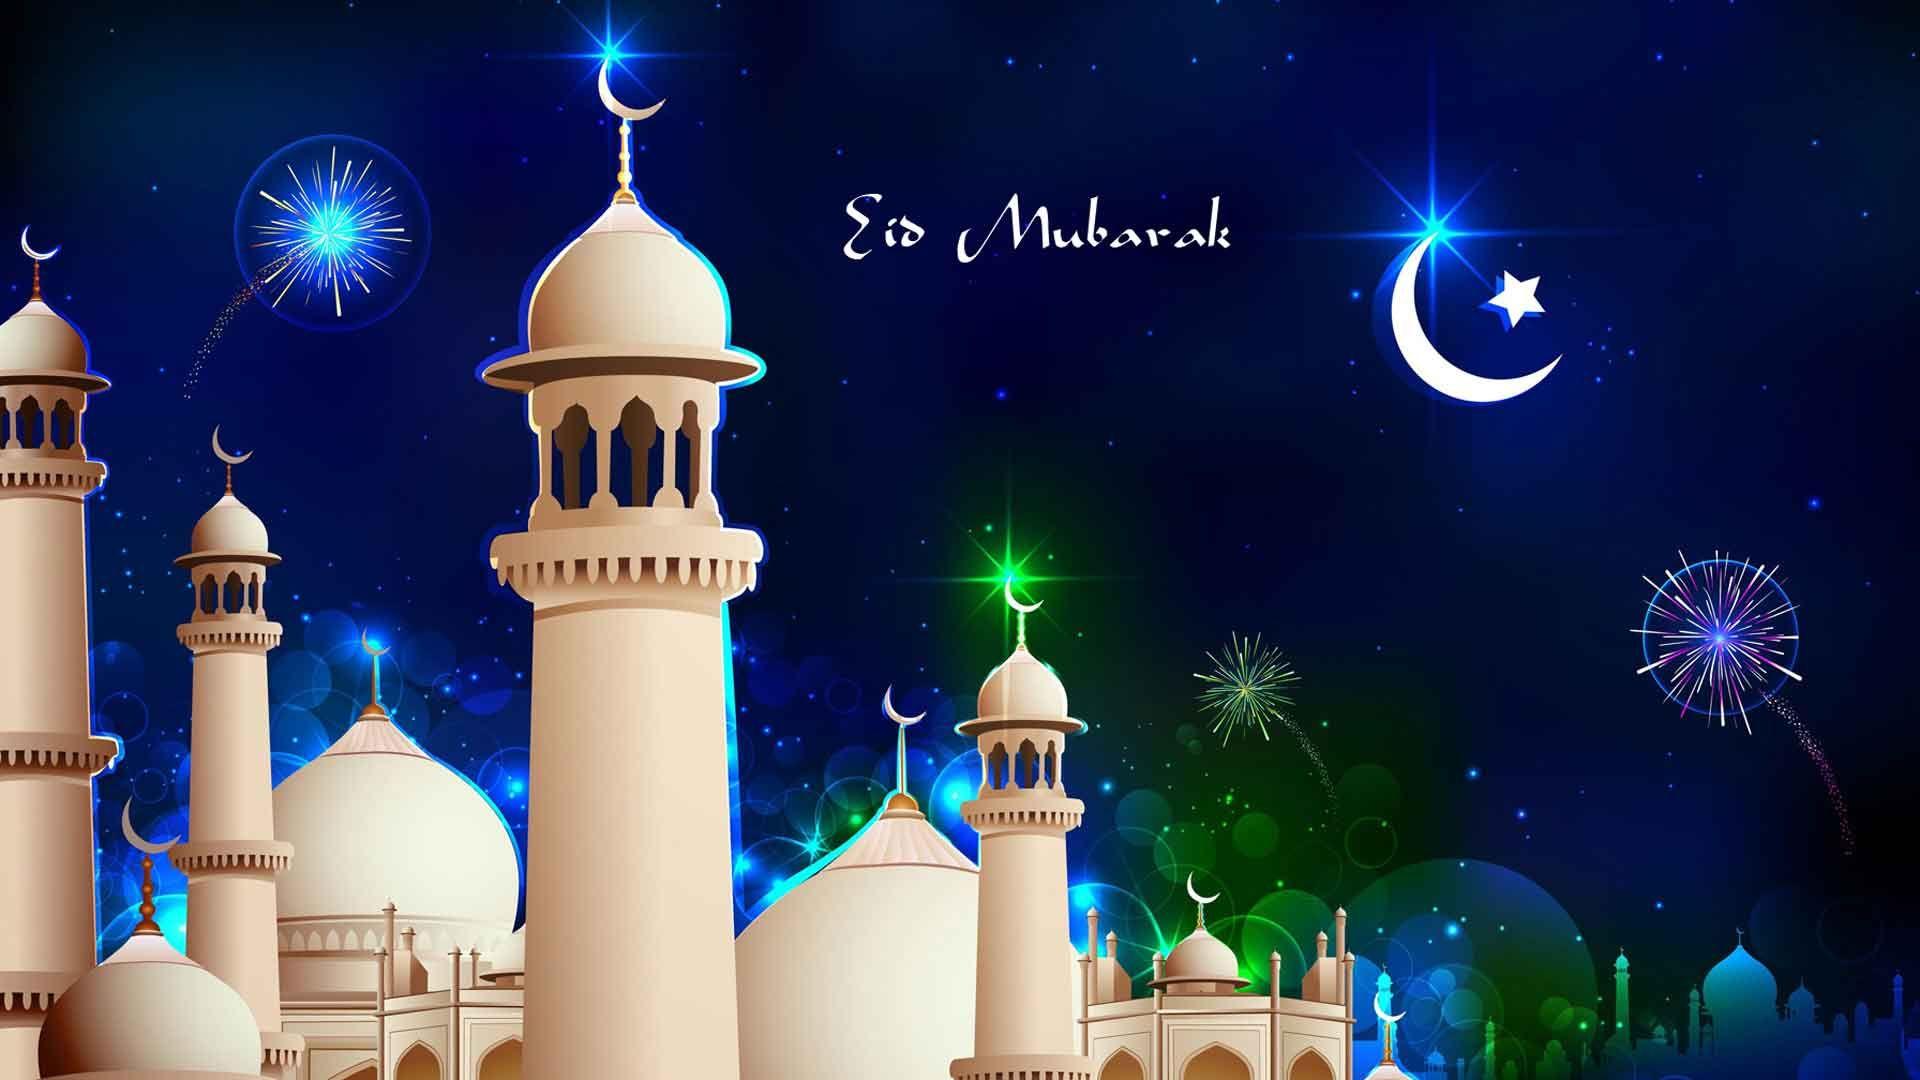 Hd wallpaper eid mubarak - Eid Mubarak Ramzan 2017 Hd Images Wallpapers Ramadan Mubarak Pinterest Happy Eid Mubarak Happy Eid And Eid Mubarak Images